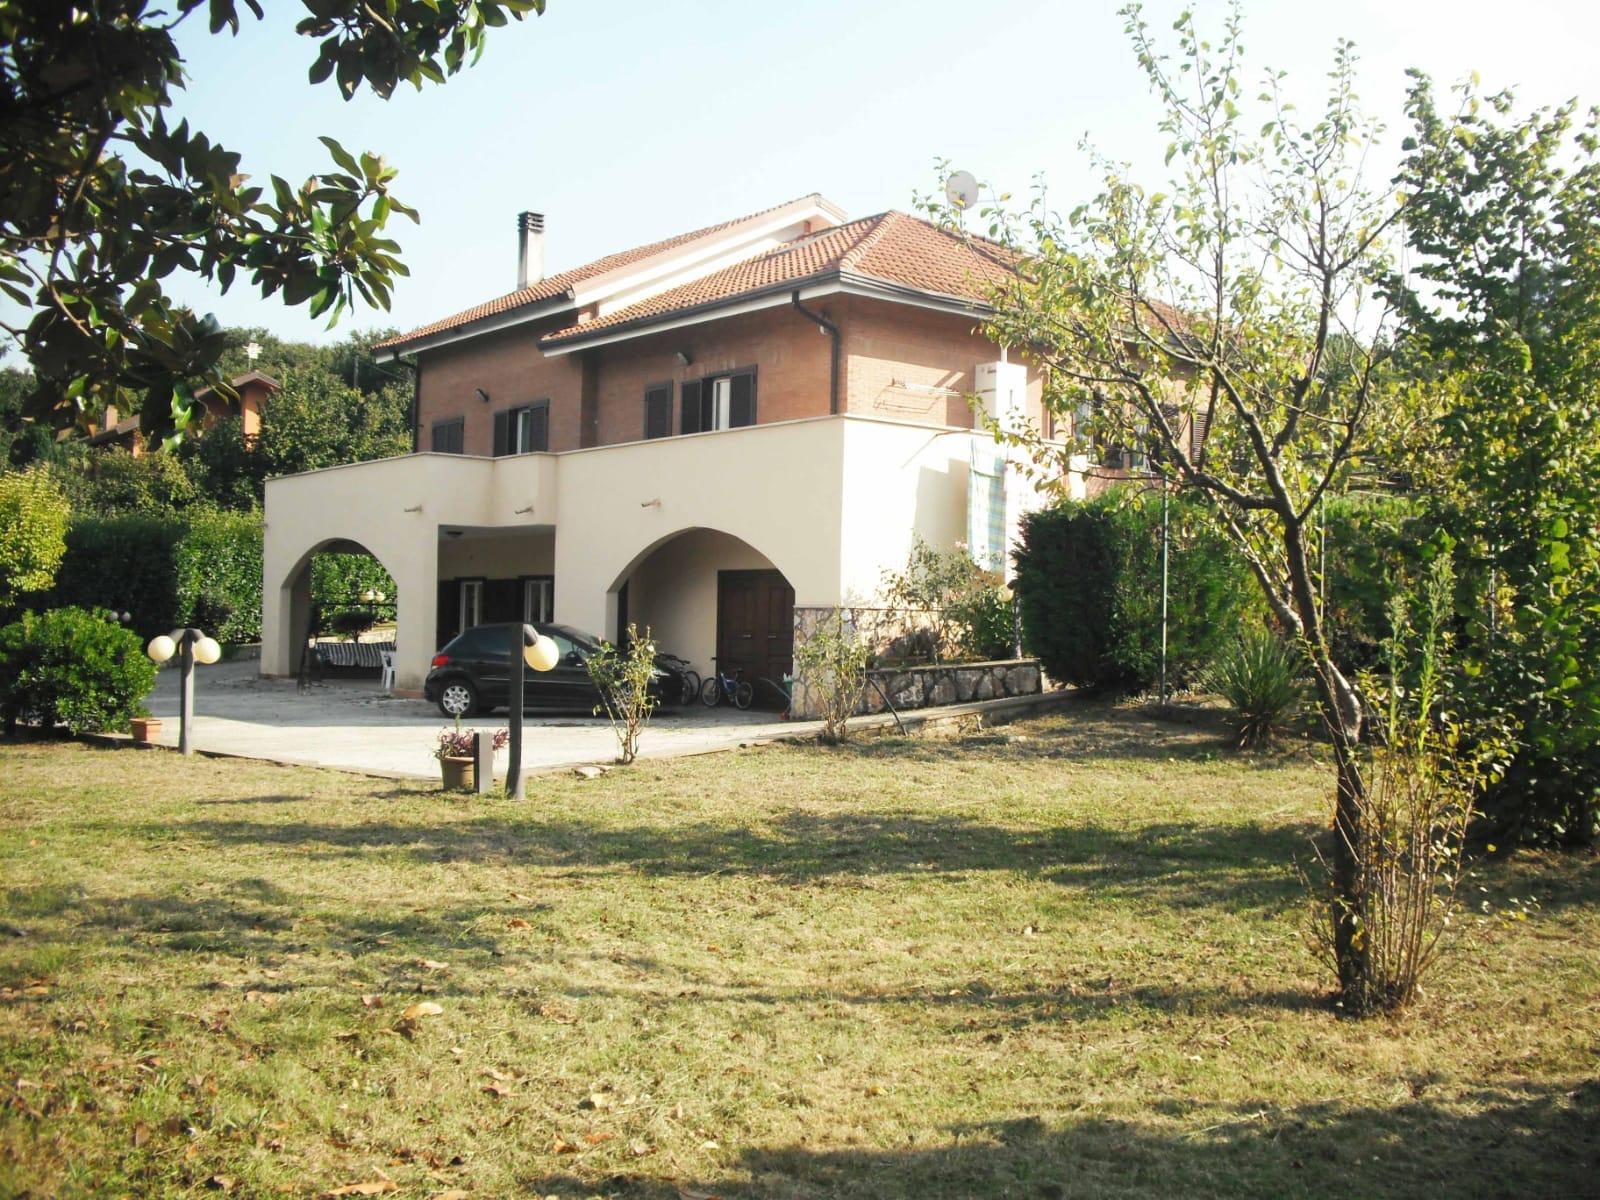 Prestigiosa villa a Contrada S. Eustachio con terreno di circa 5000 mq